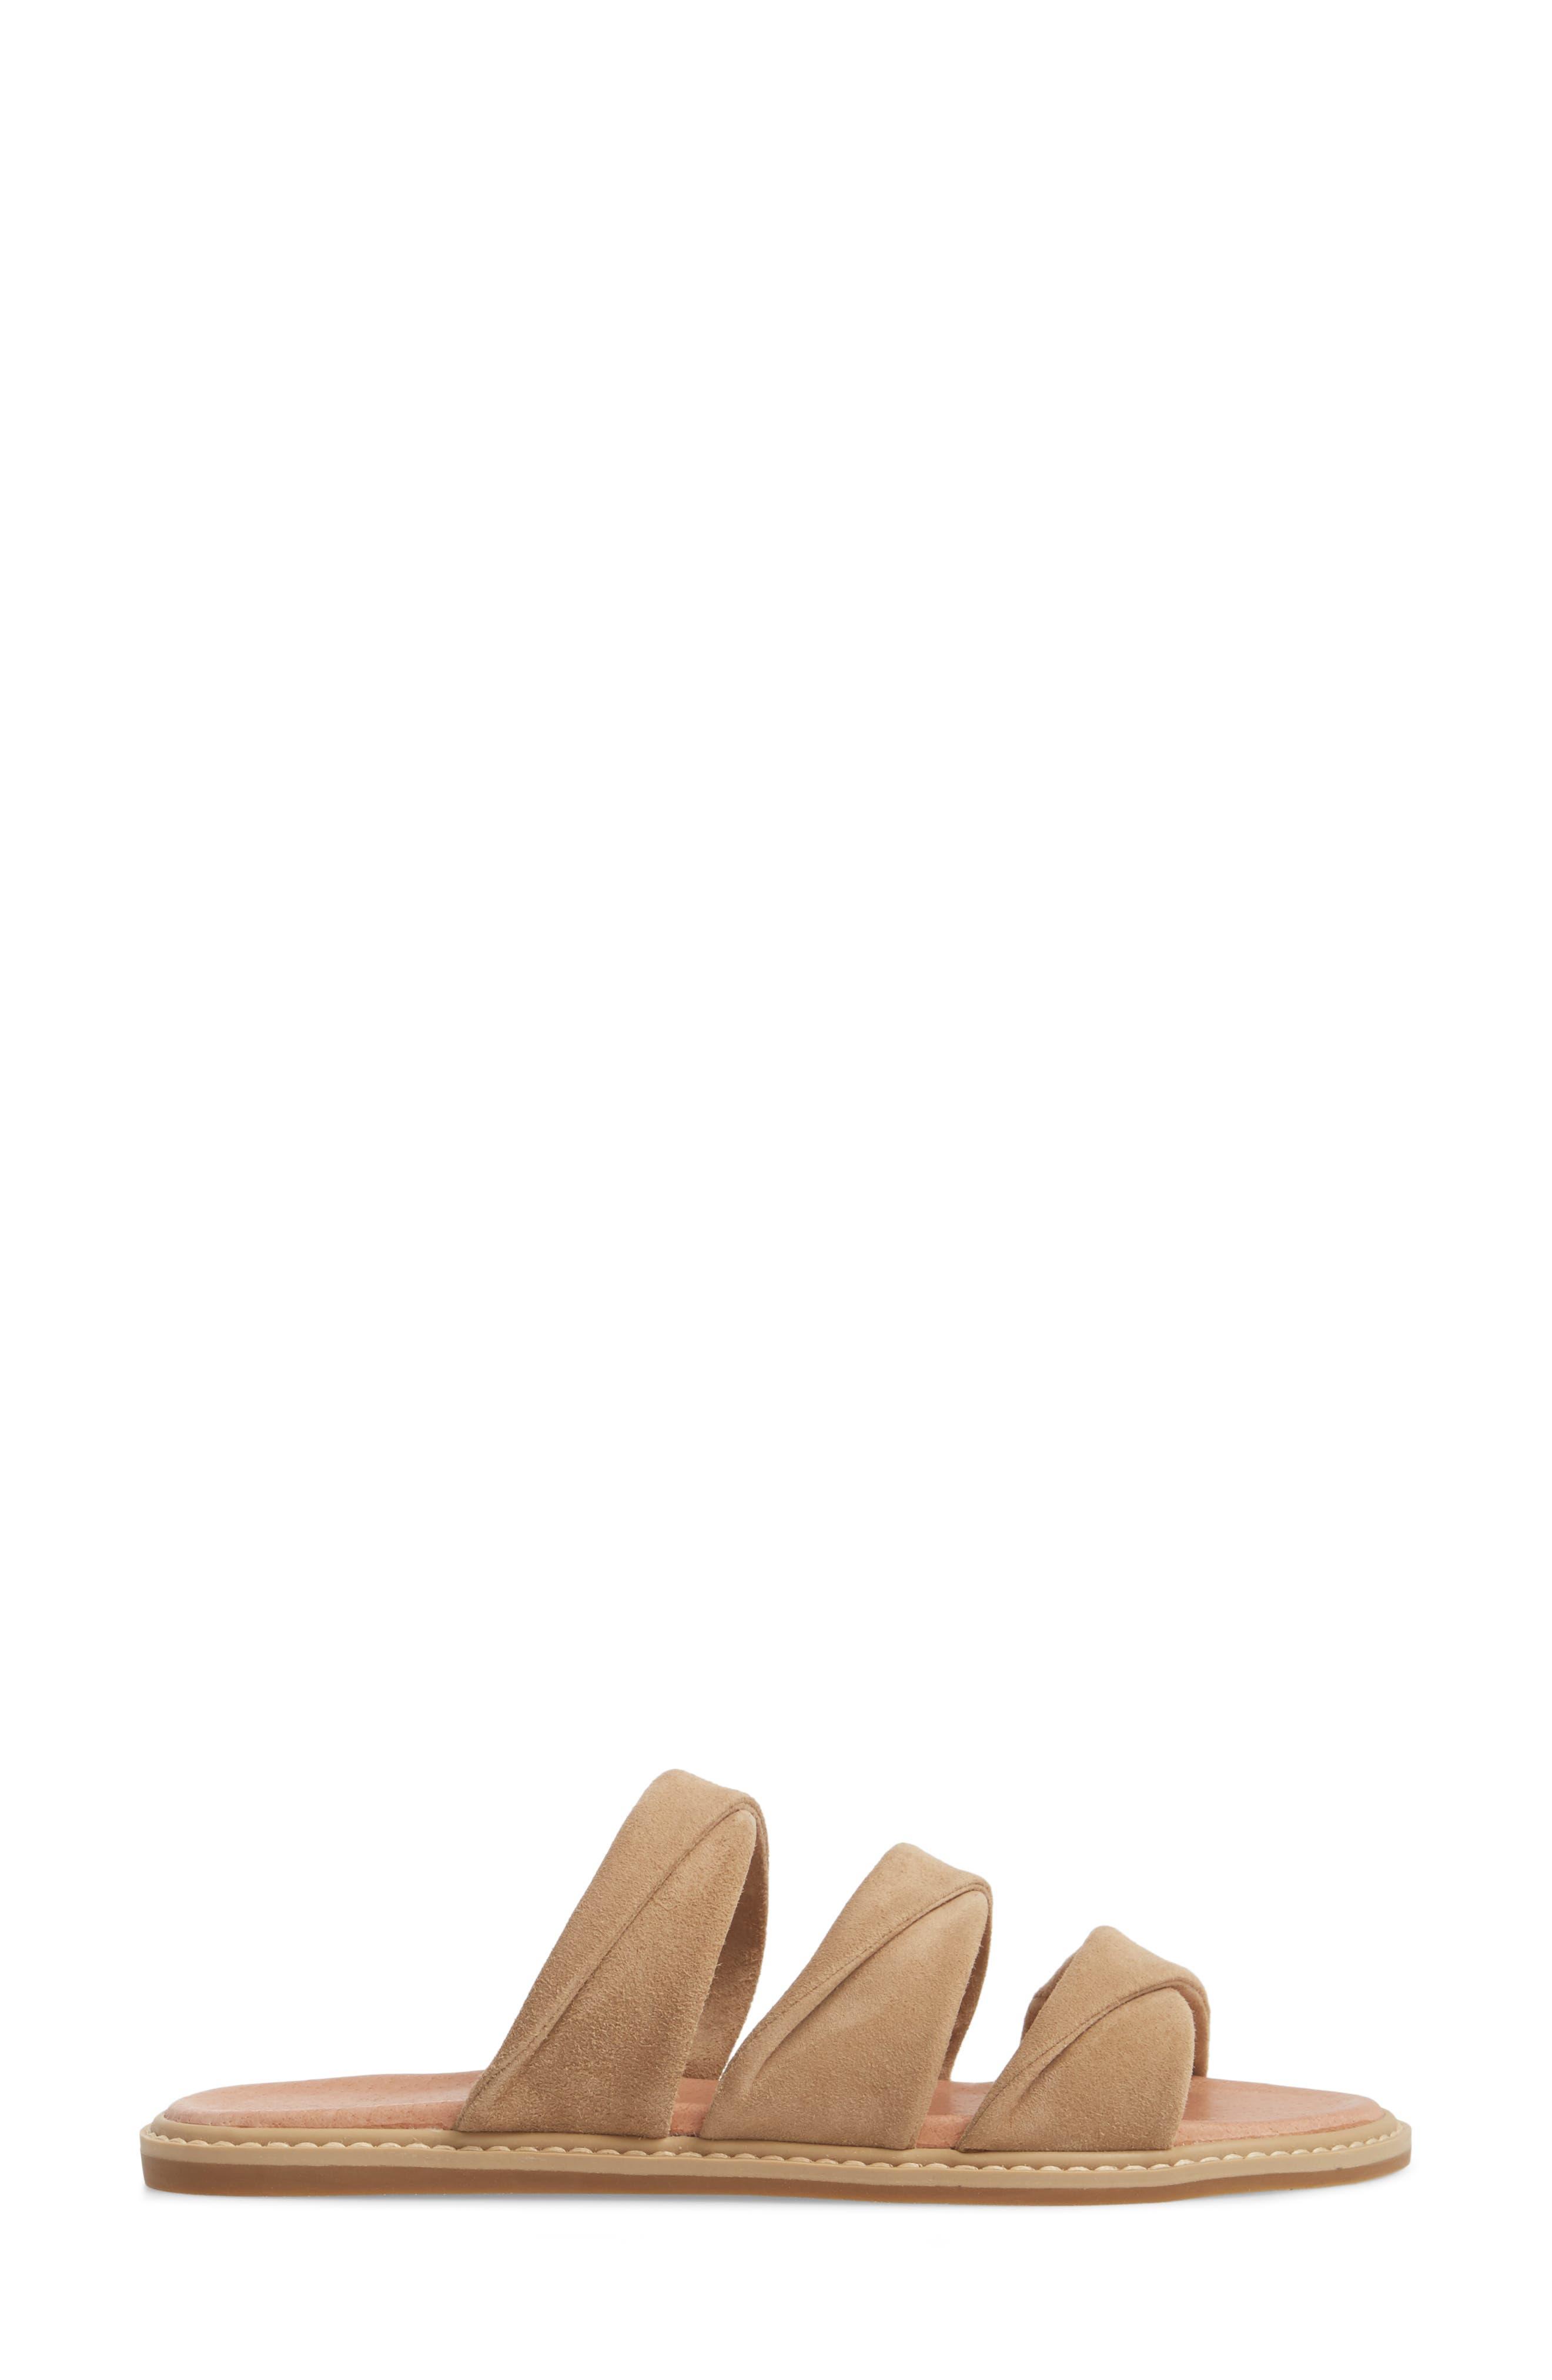 Cooper Slide Sandal,                             Alternate thumbnail 3, color,                             270